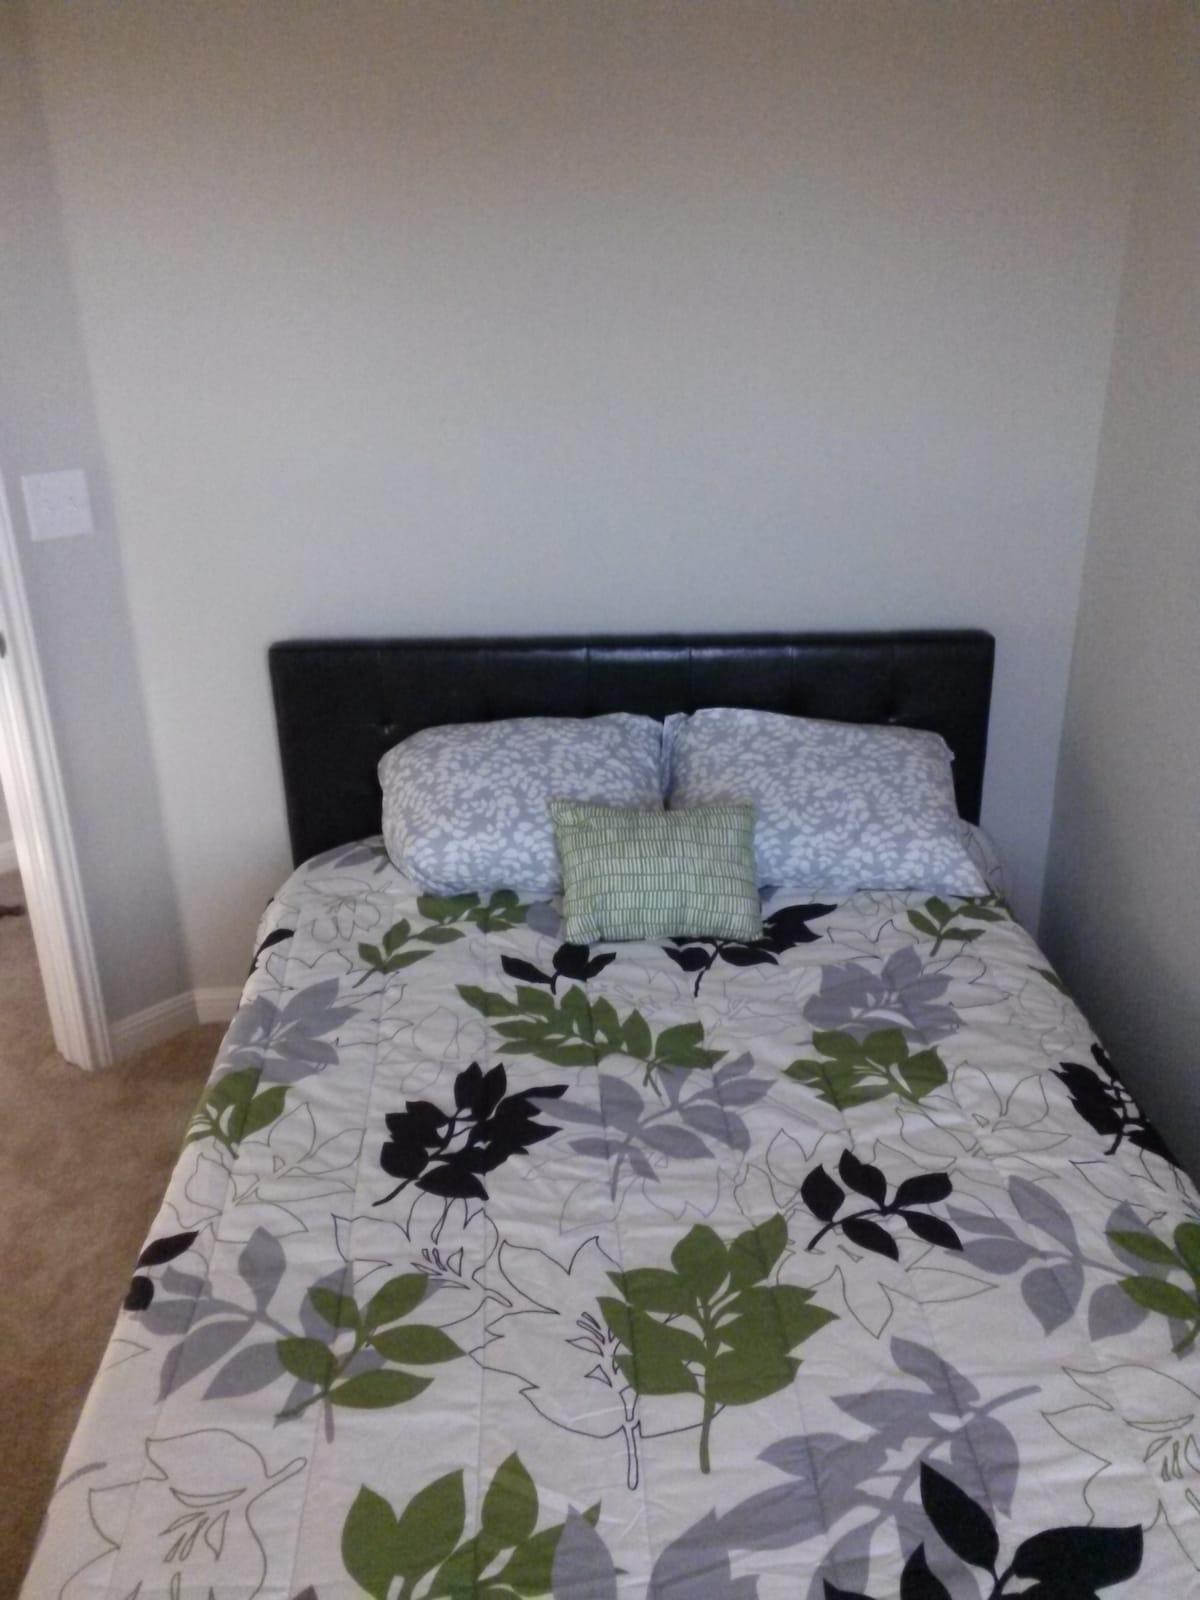 Style. Price. Location. +Cozy Room+